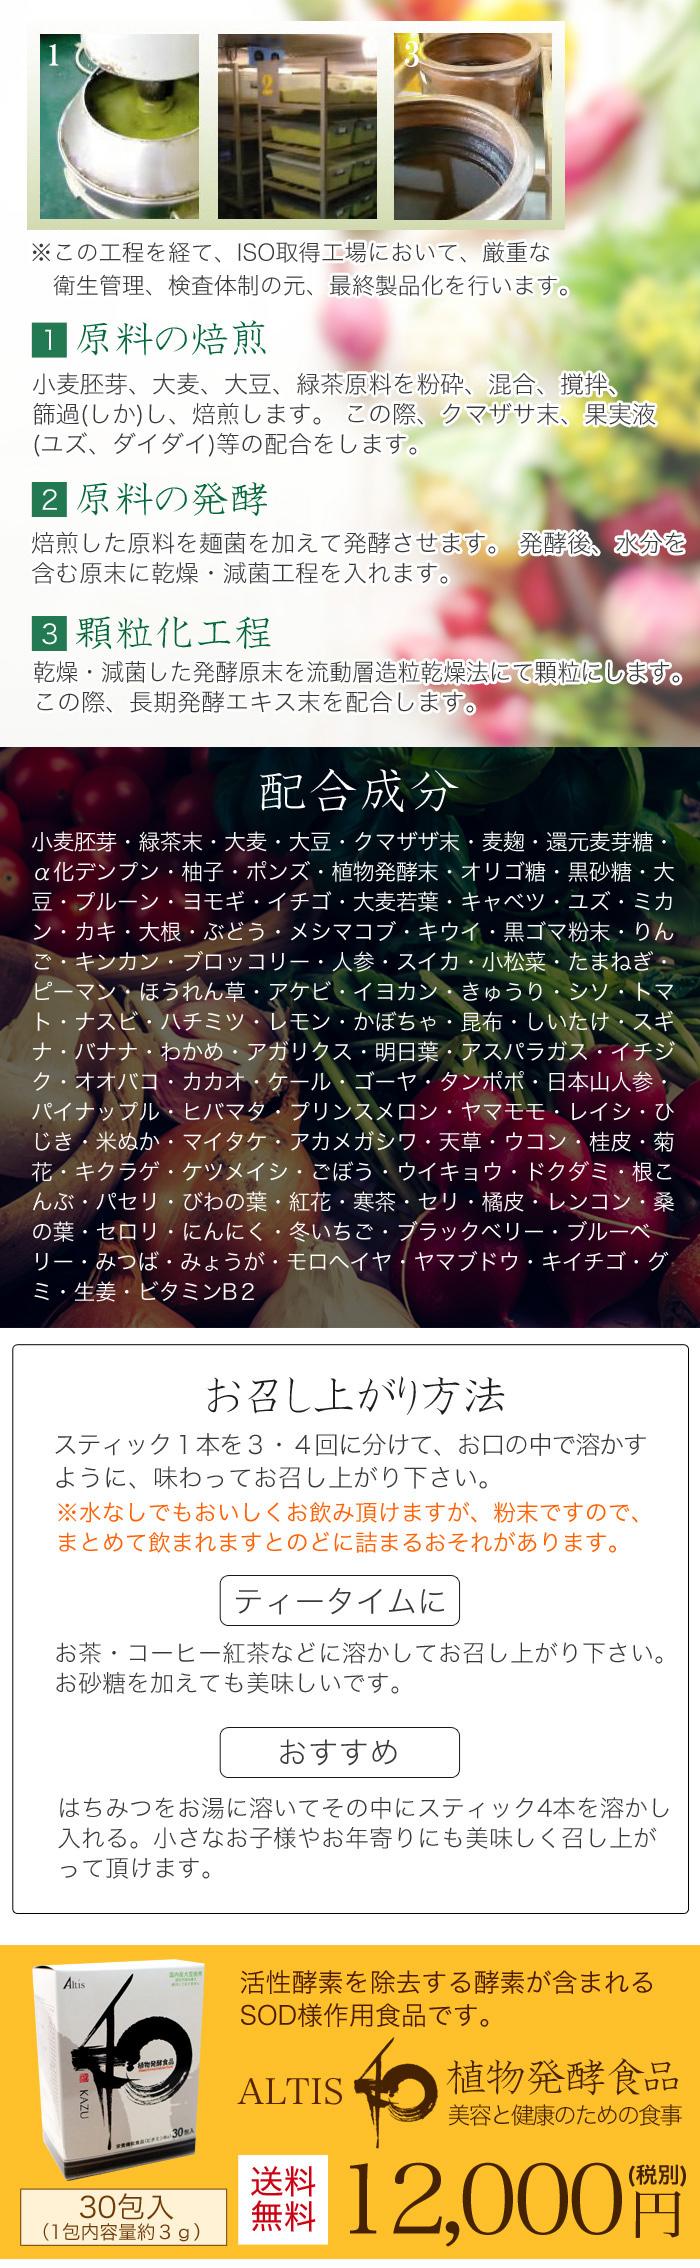 160303s_k_lp06_mini